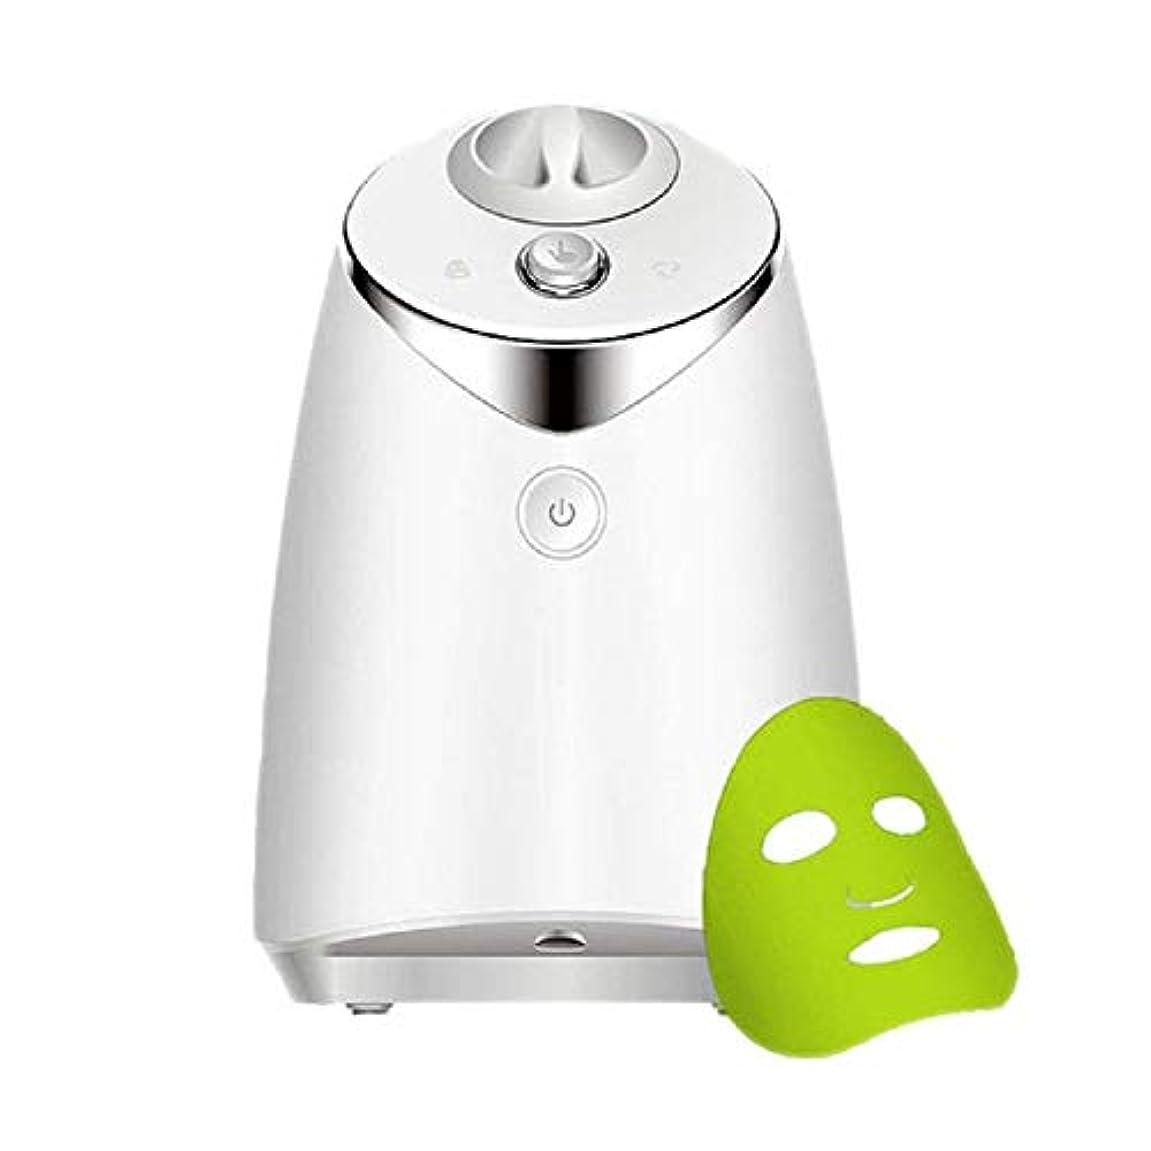 刈る不注意動詞フルーツと野菜マスク製造機、フェイススチーマー100%ナチュラル自家製自動美容器/インテリジェントな音声プロンプトワンボタンクリーニング